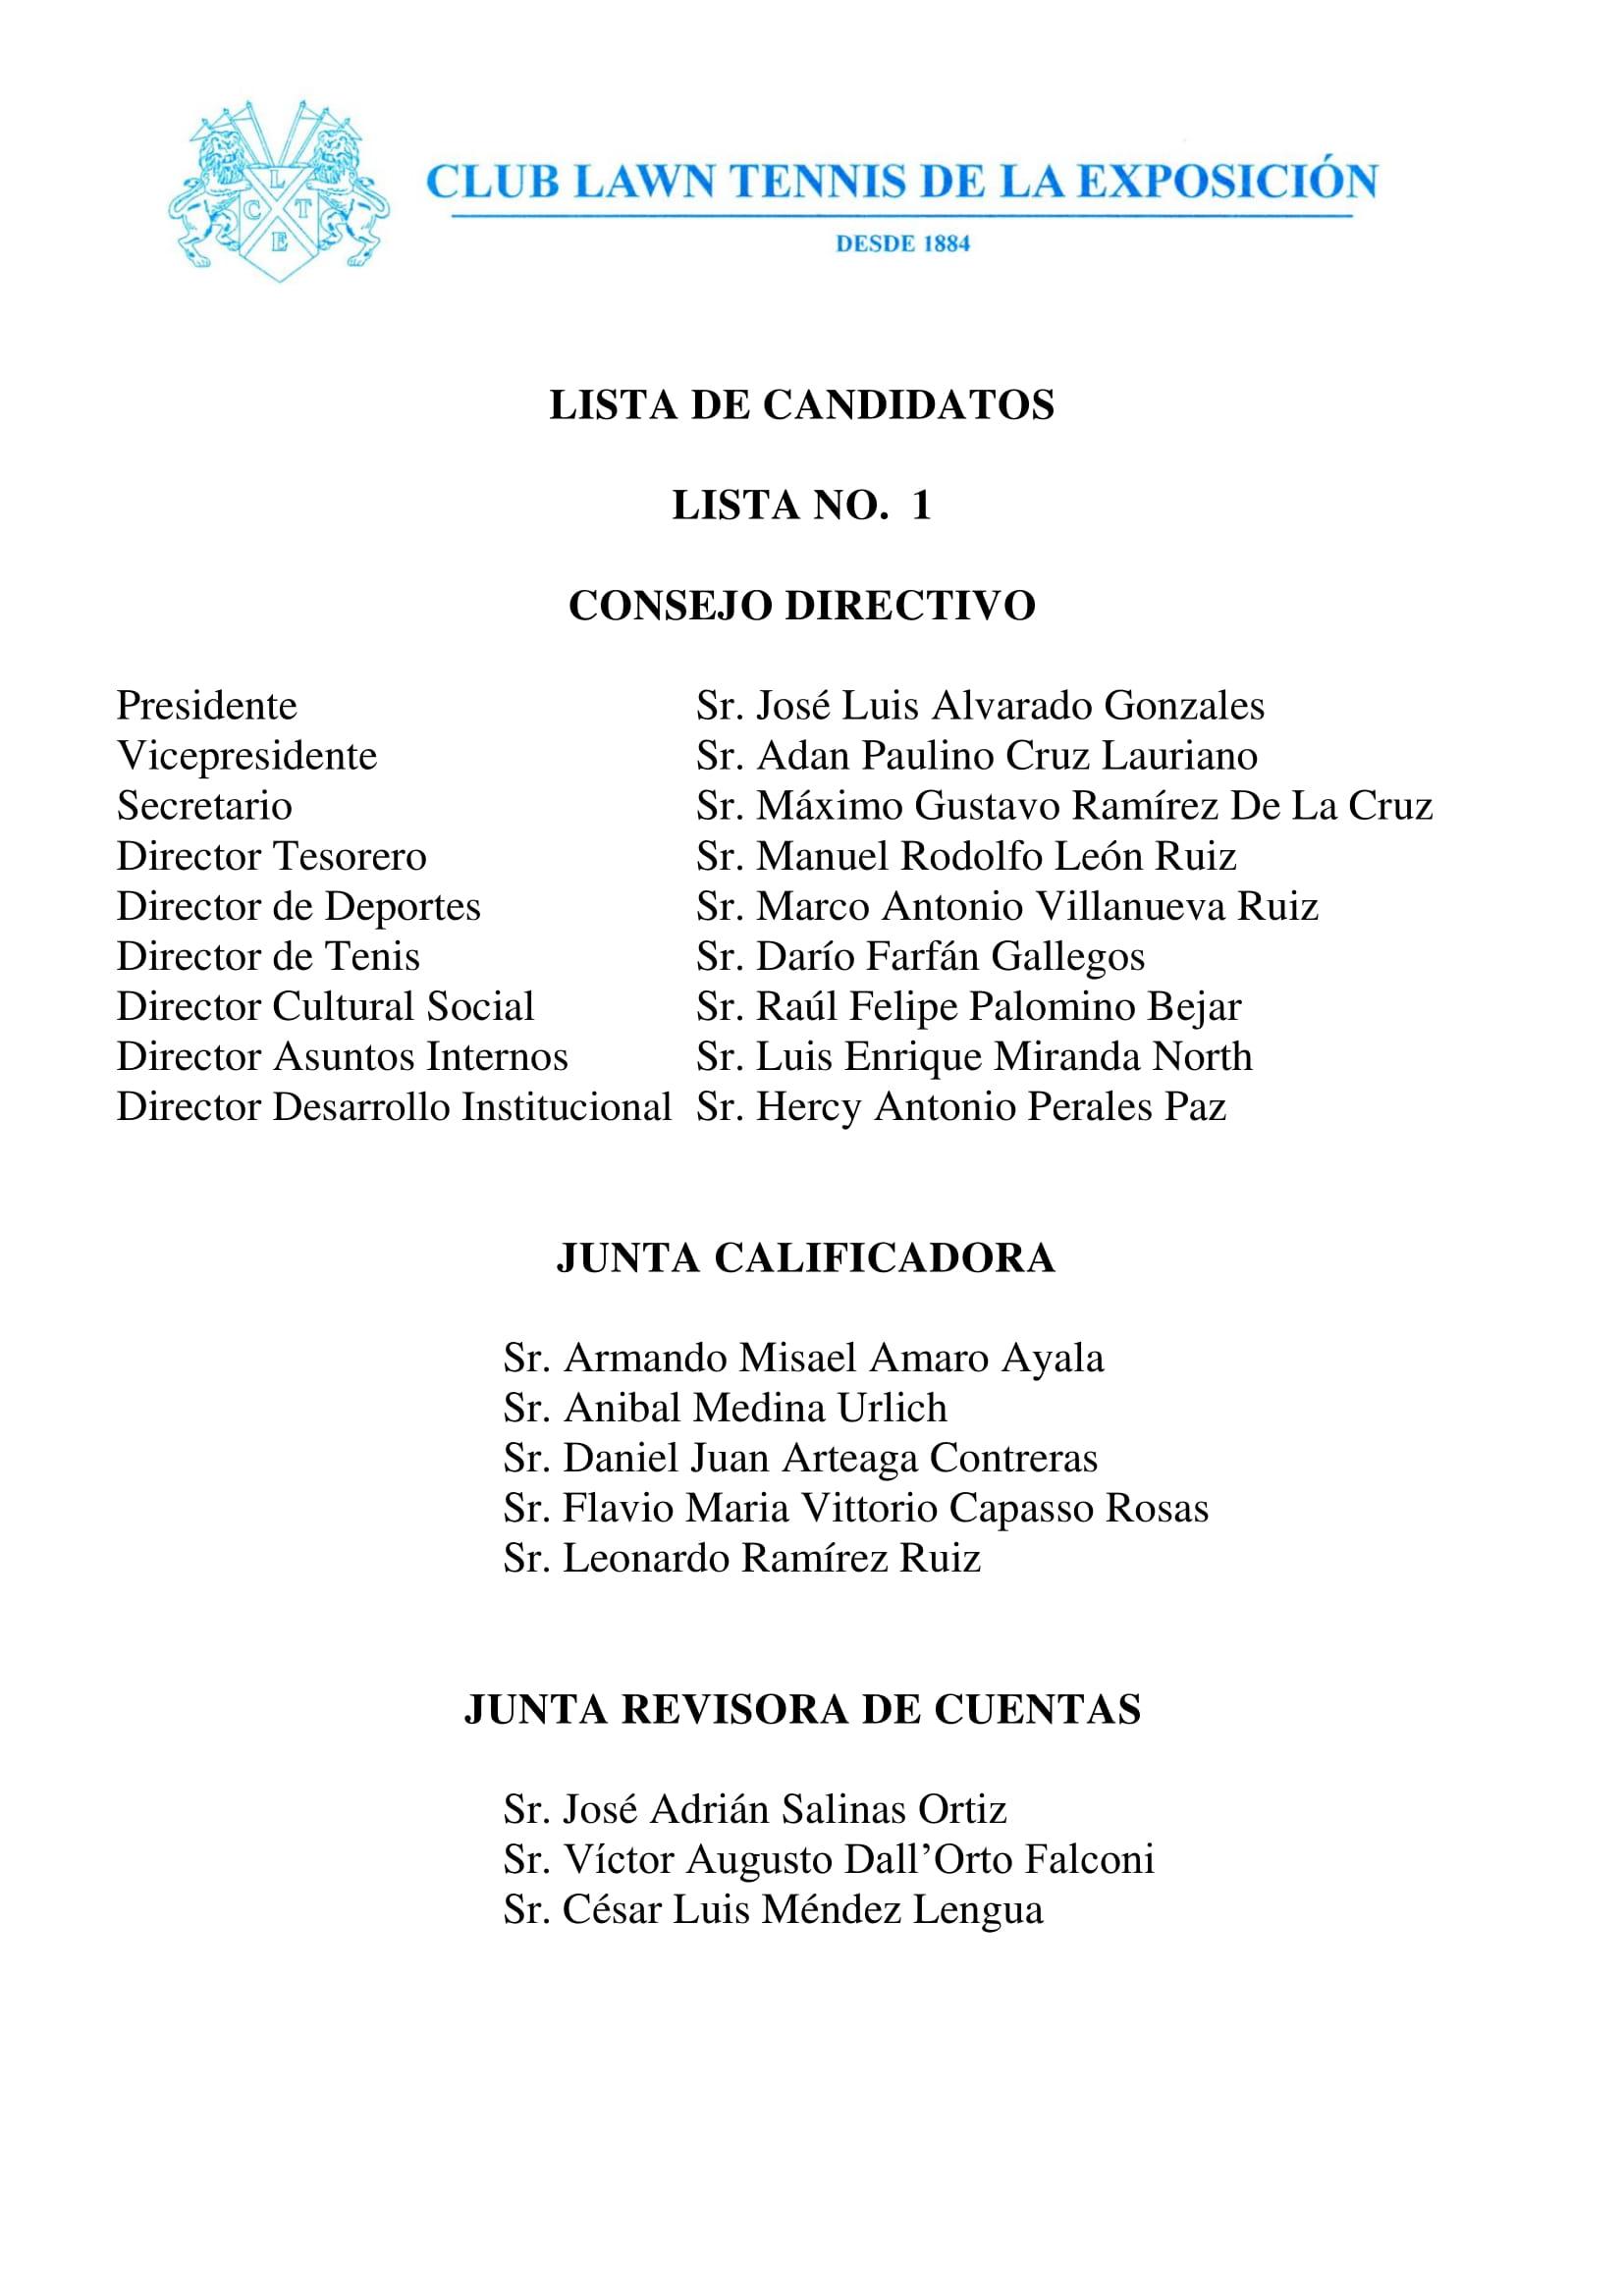 Lista Candidatos Lista No. 1 v2-1